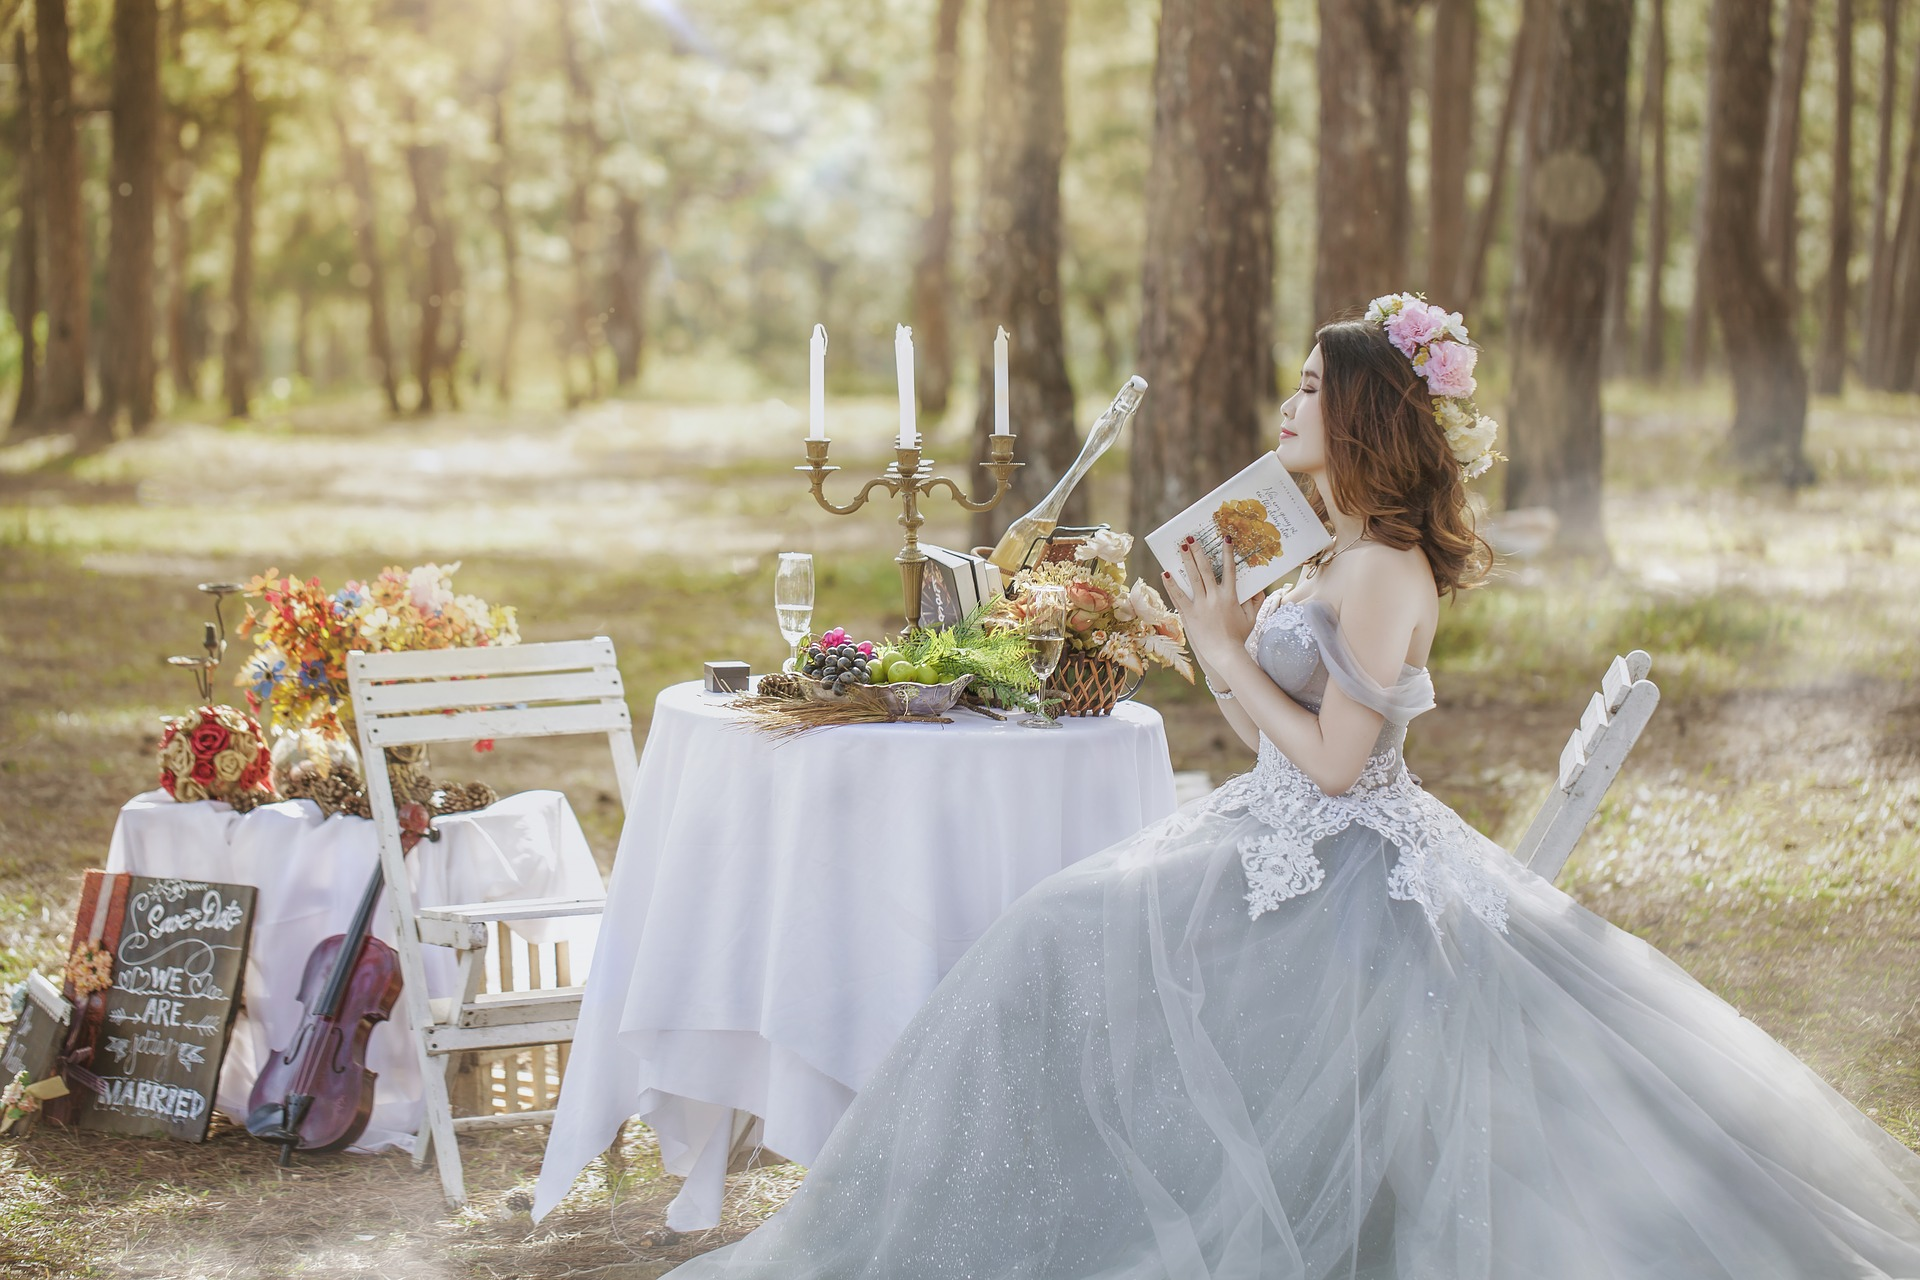 結婚式におすすめな曲byミスチル♪ムービーやエンドロールもMr.children!